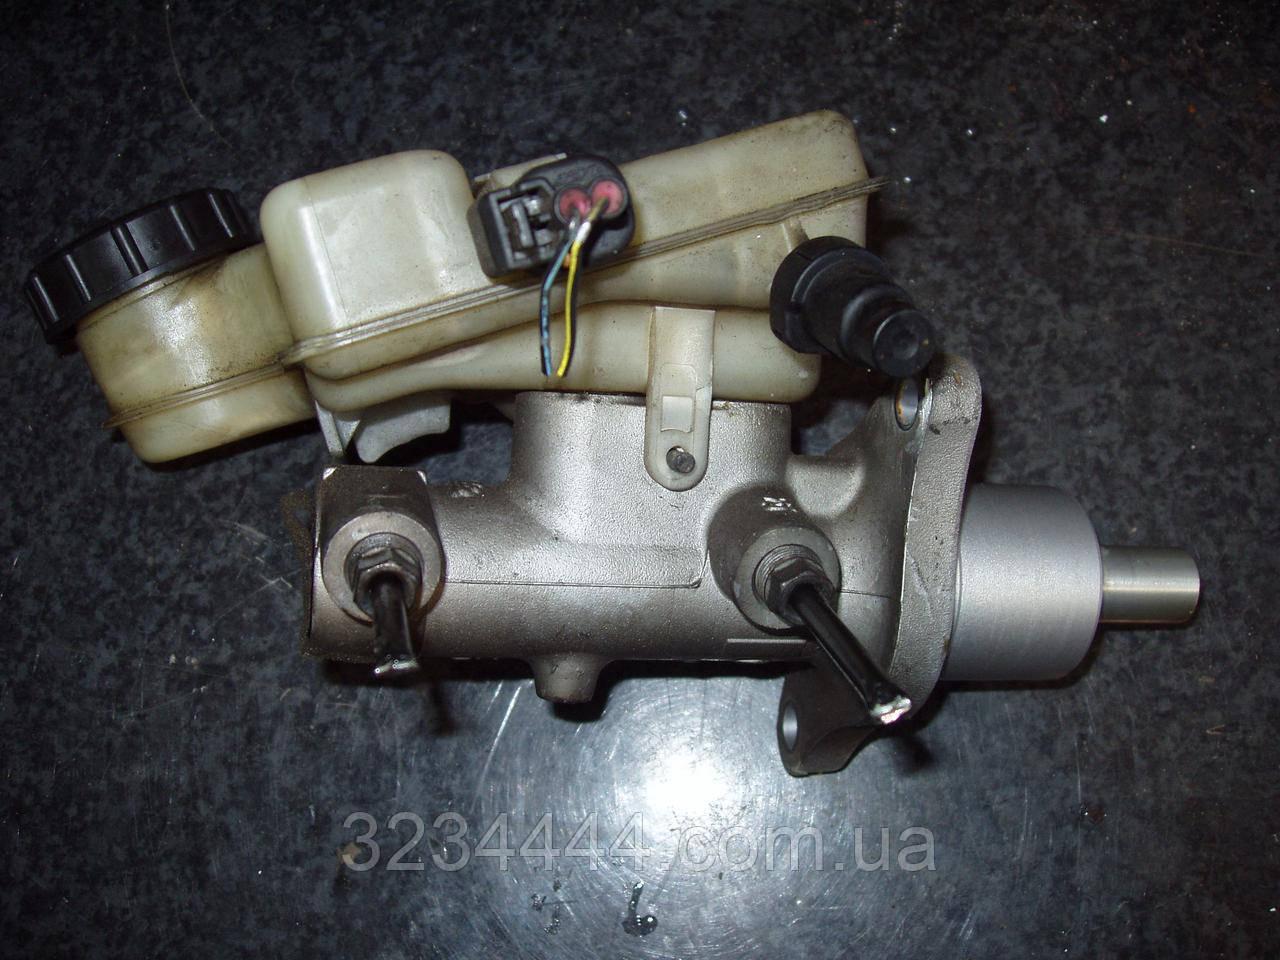 Головний гальмівний циліндр MAZDA MAZDA3 BK 03-08